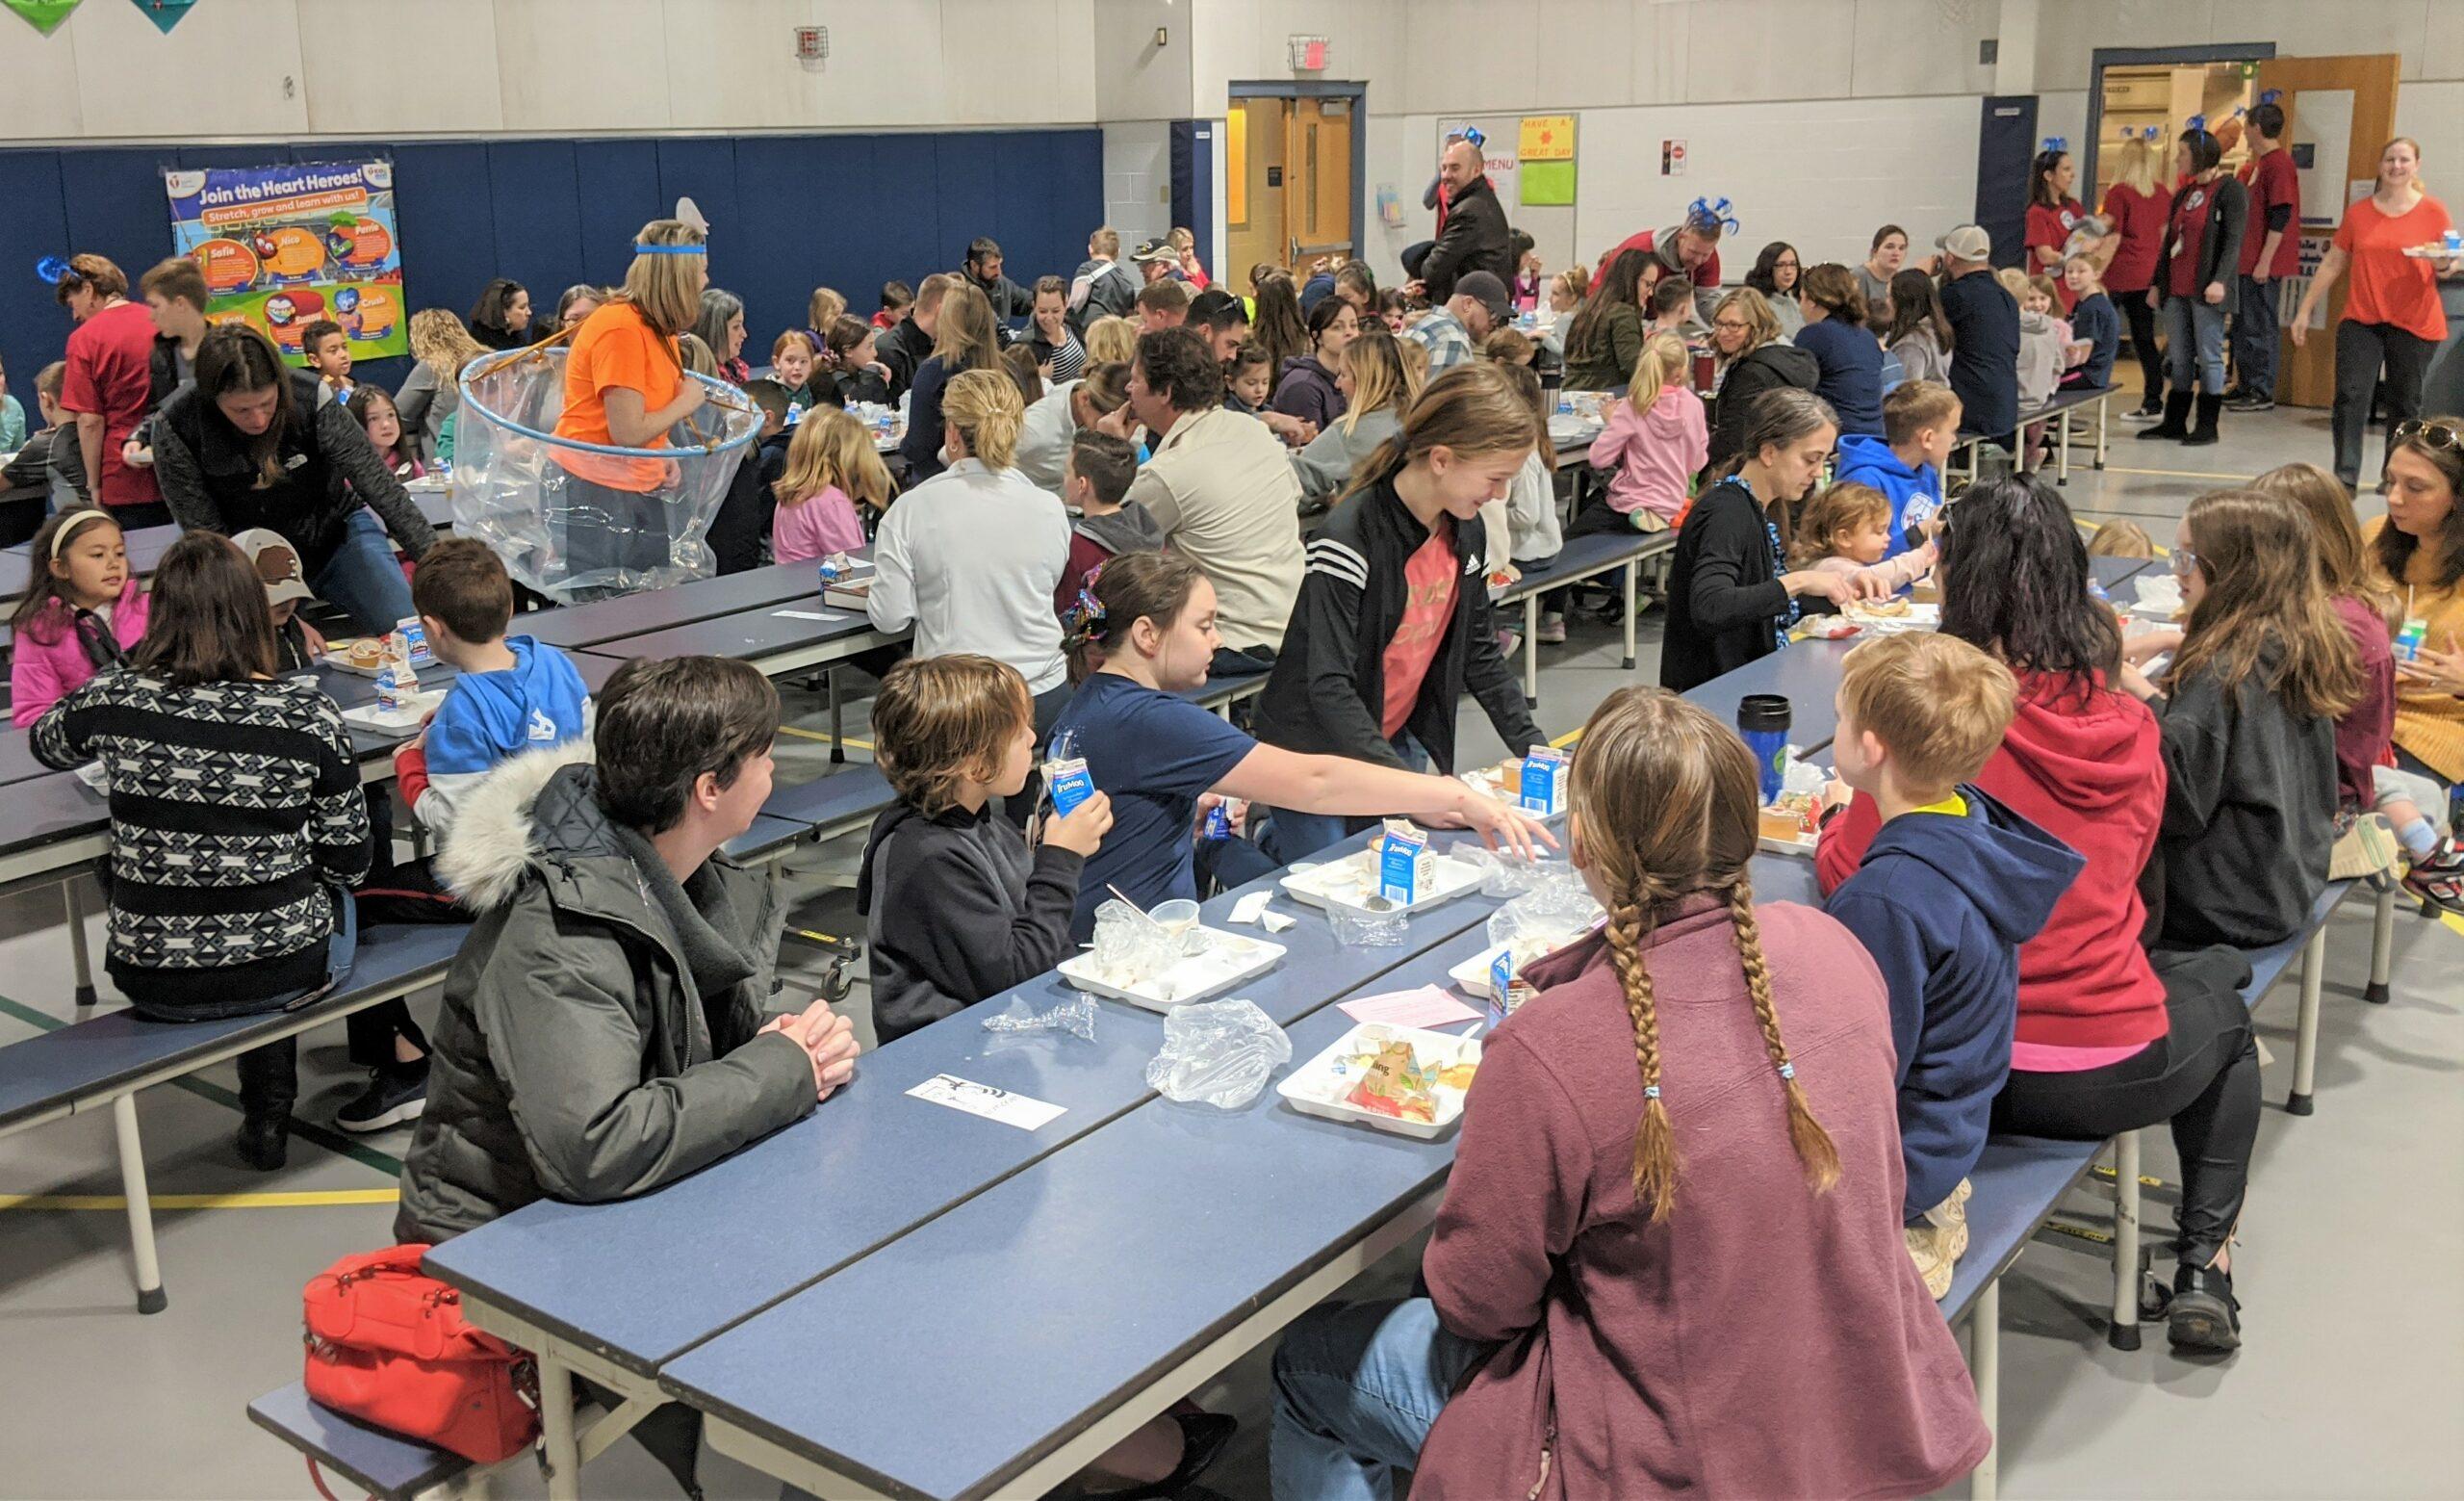 Community members eat breakfast in the multipurpose room